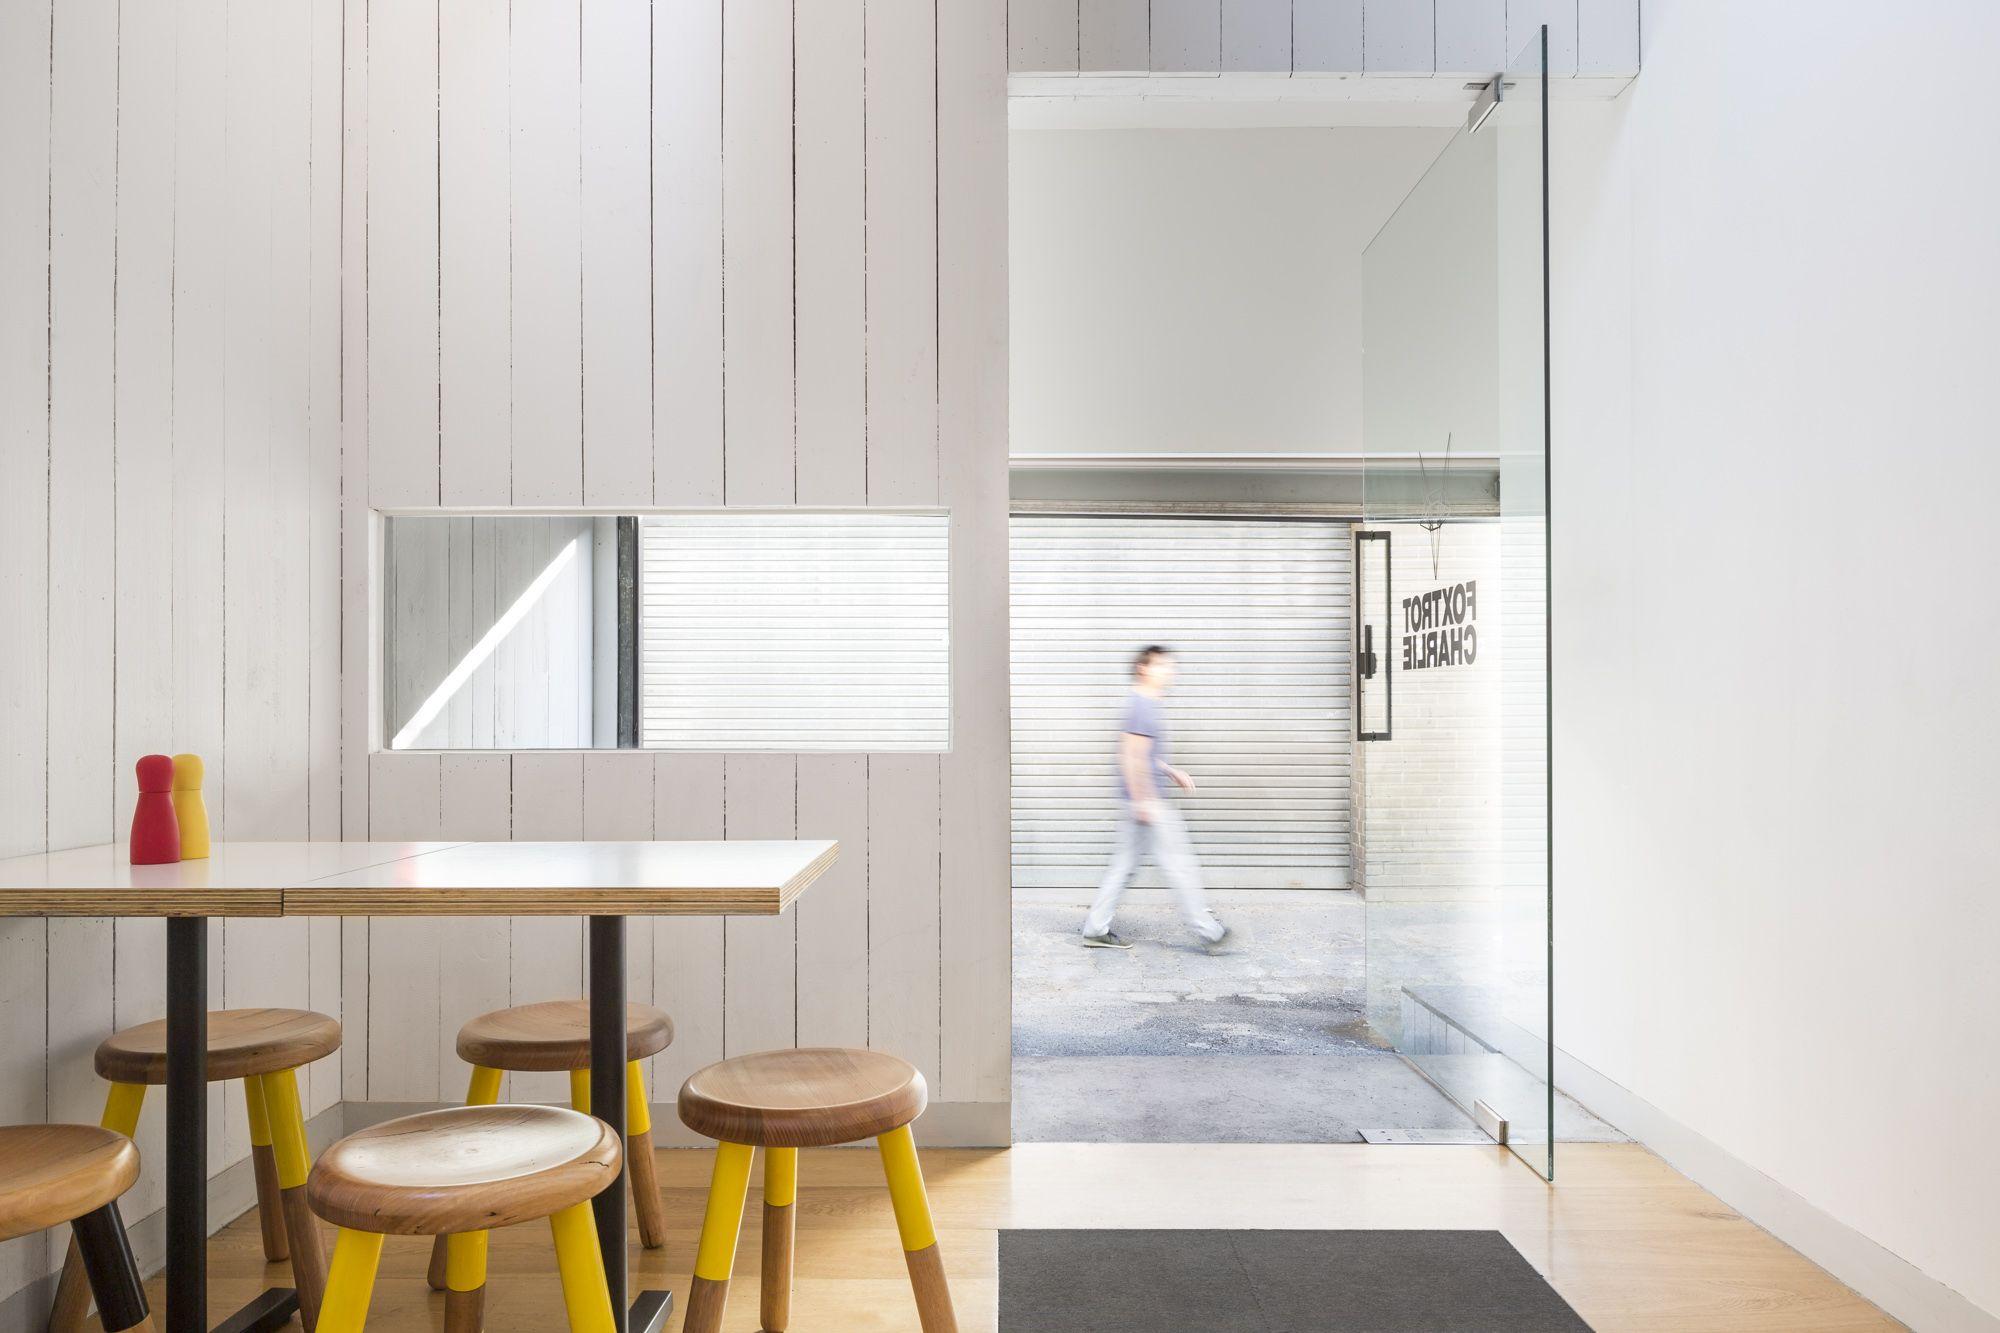 foxtrot charlie designed by zwei interiors architecture zwei